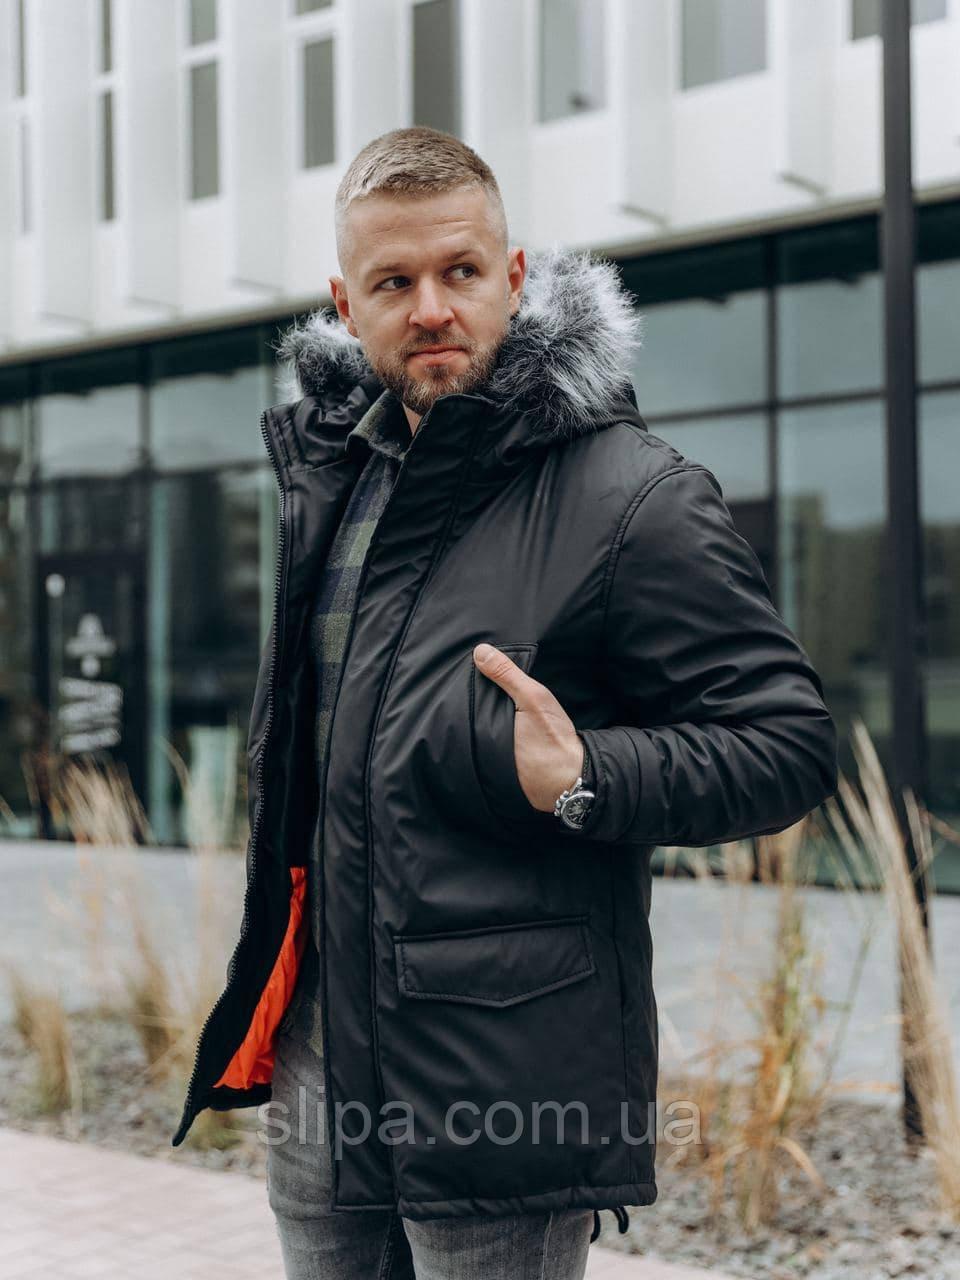 Мужская зимняя куртка из водоотталкивающей плащёвки на флисе